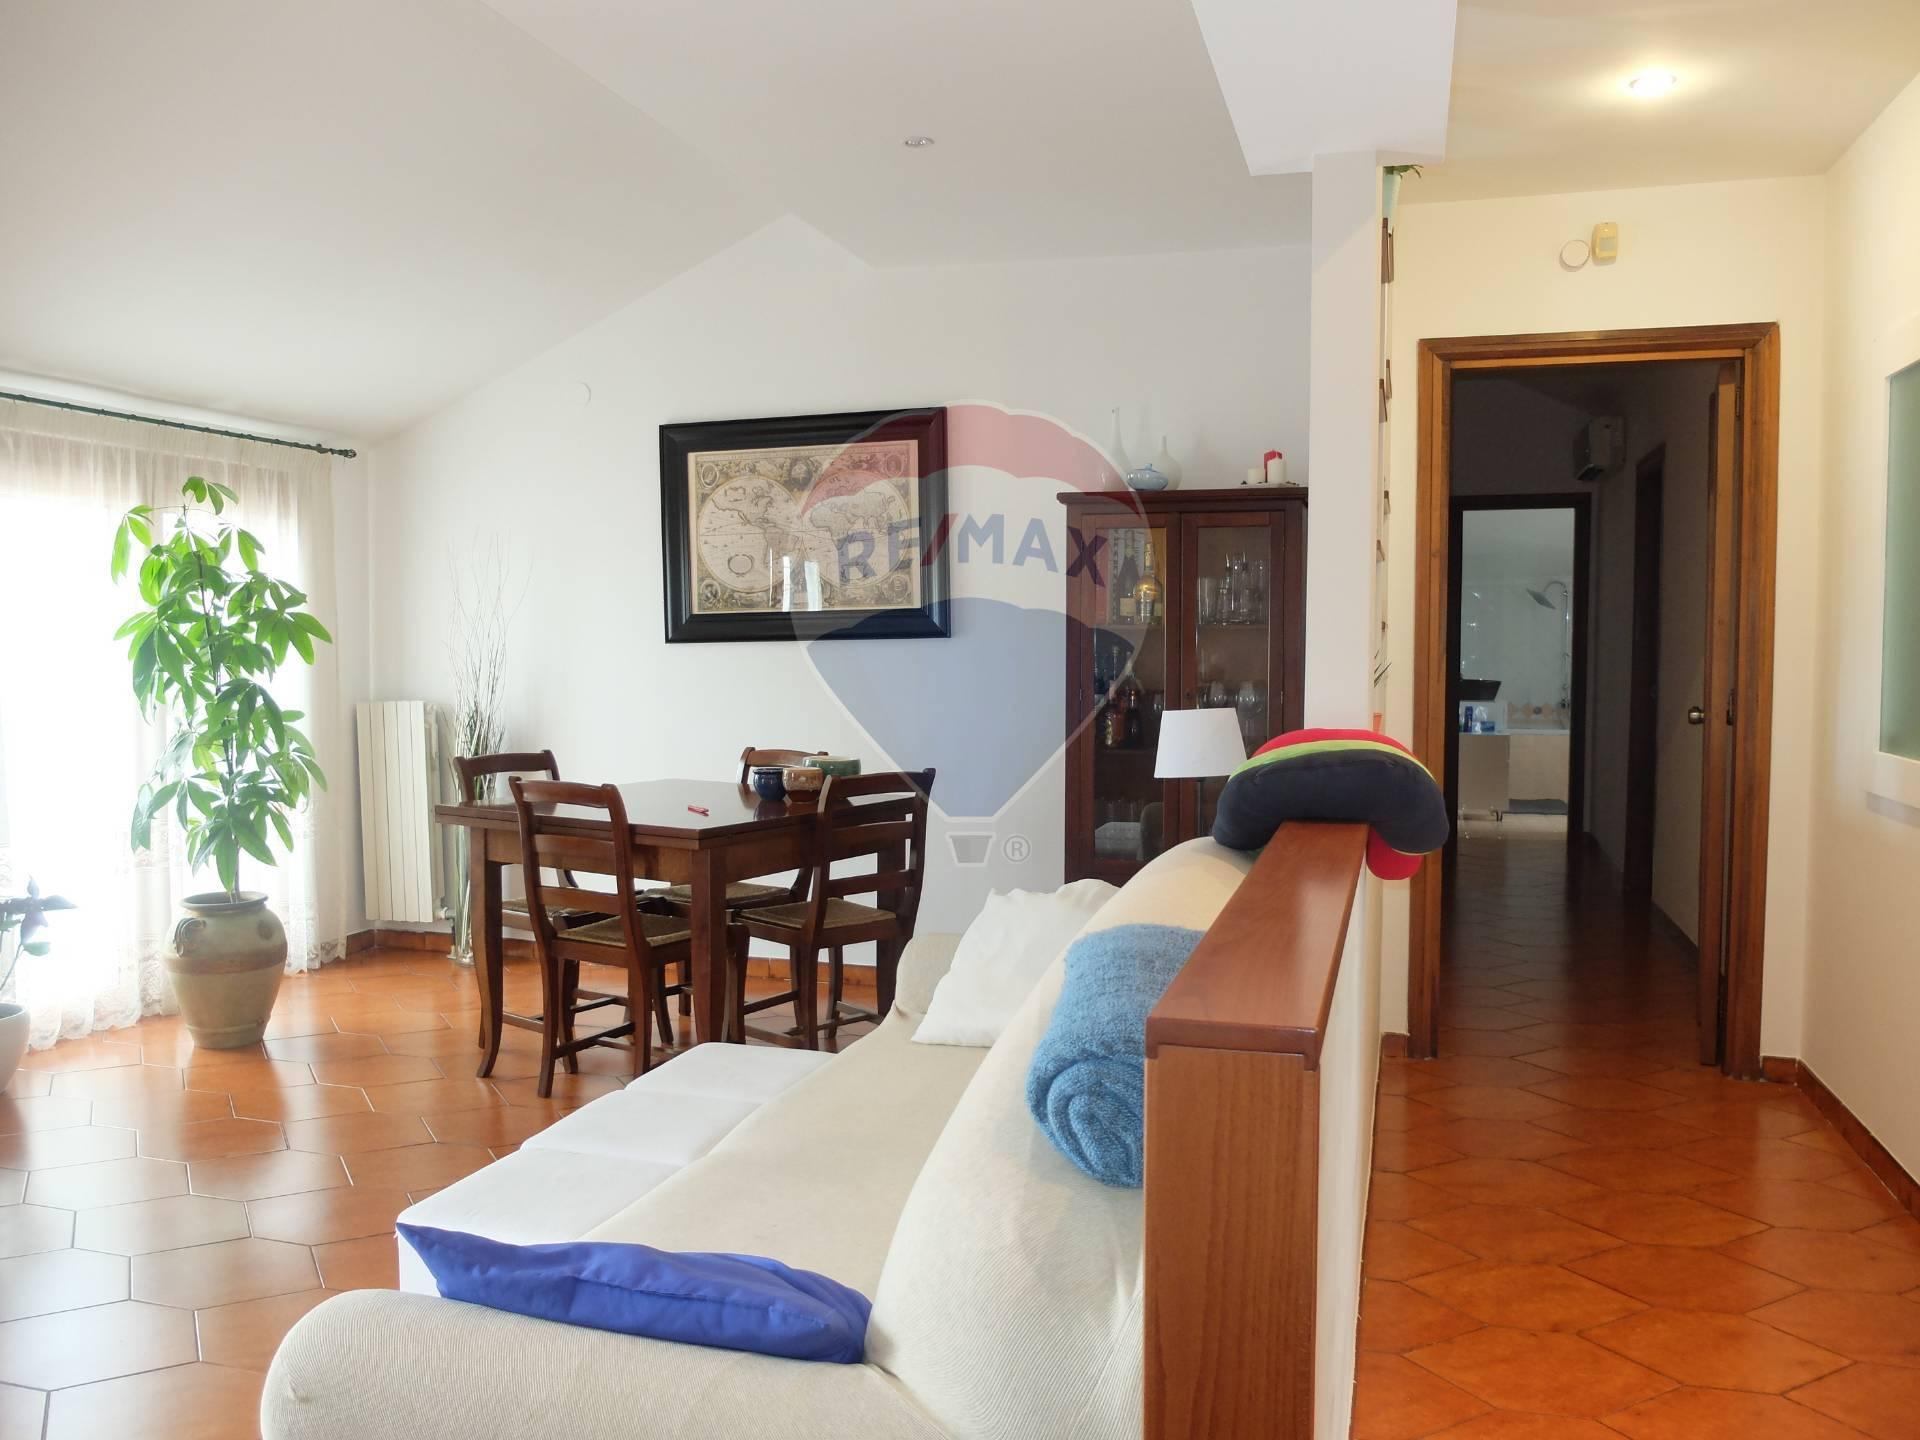 Appartamento in vendita Ospedale-Via Sicilia Caserta